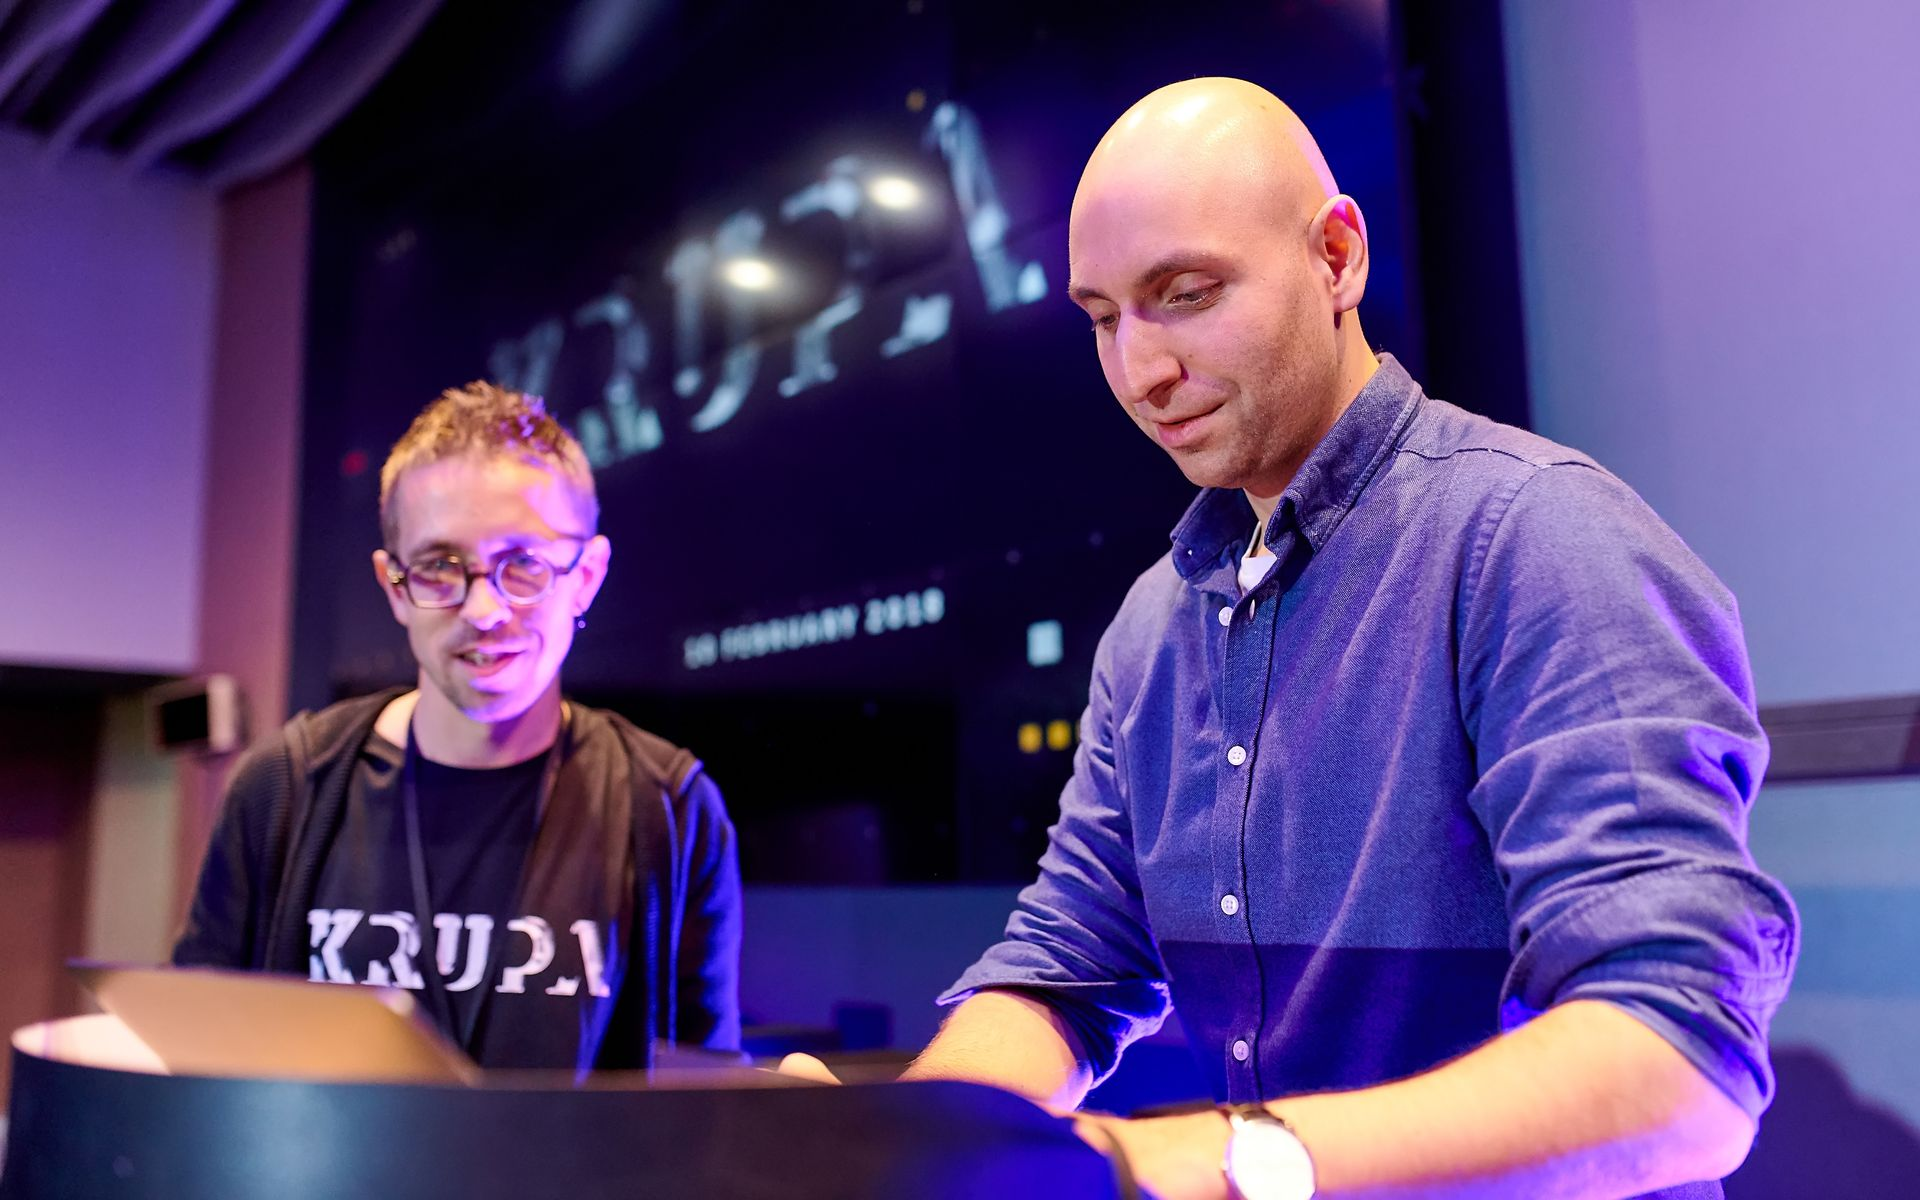 Projector запускає освітній кампус у Берліні